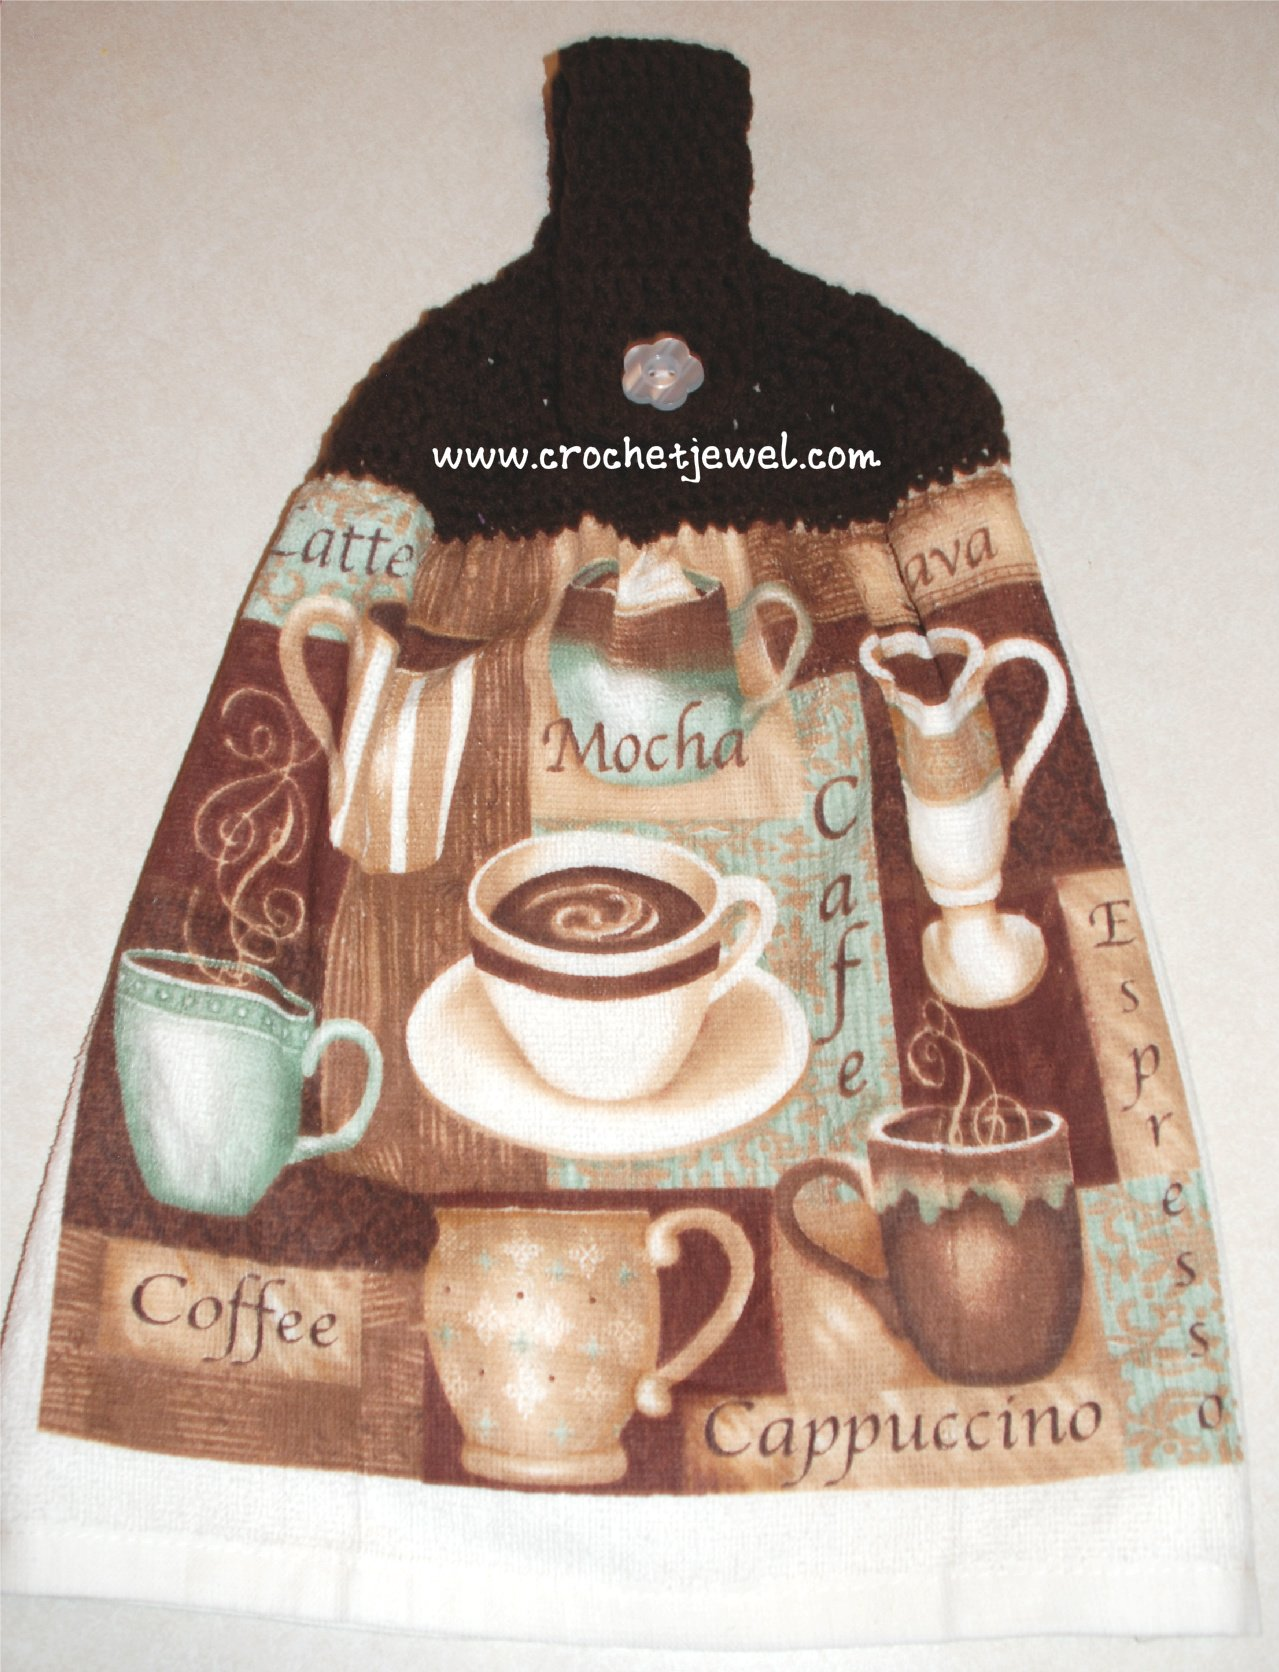 Crochet Kitchen Towel Topper ~ Amy - Crochet Jewel